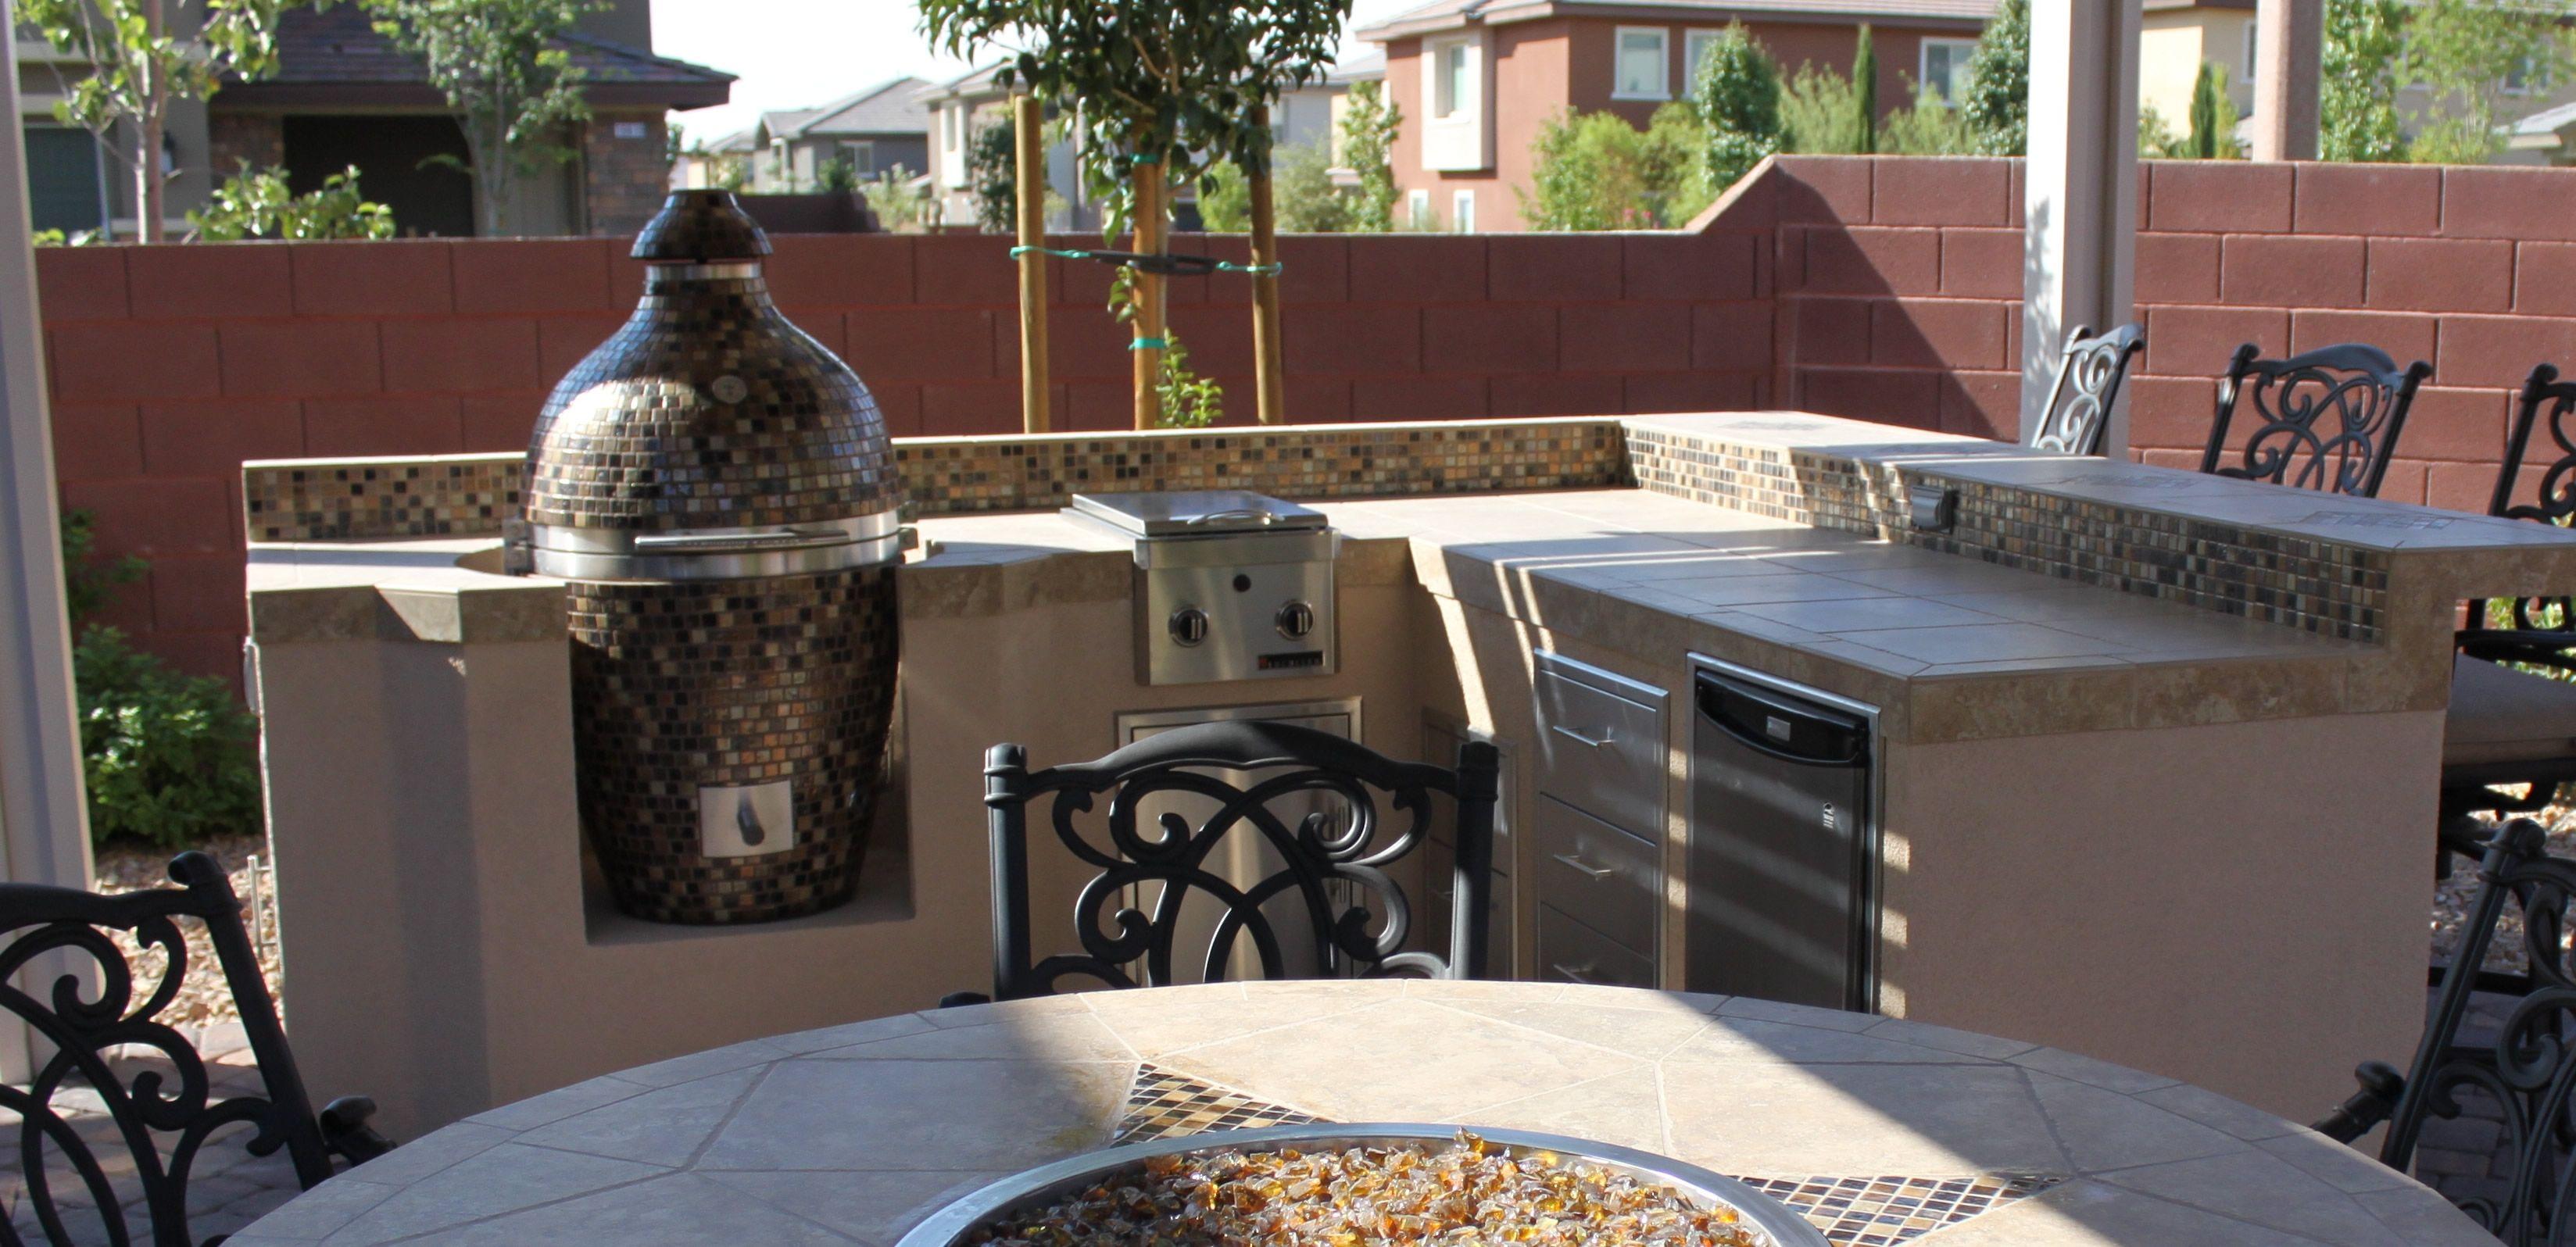 Outdoor Kitchen Barbecue Grills Outdoor Kuche Kochen Im Freien Aussenkuche